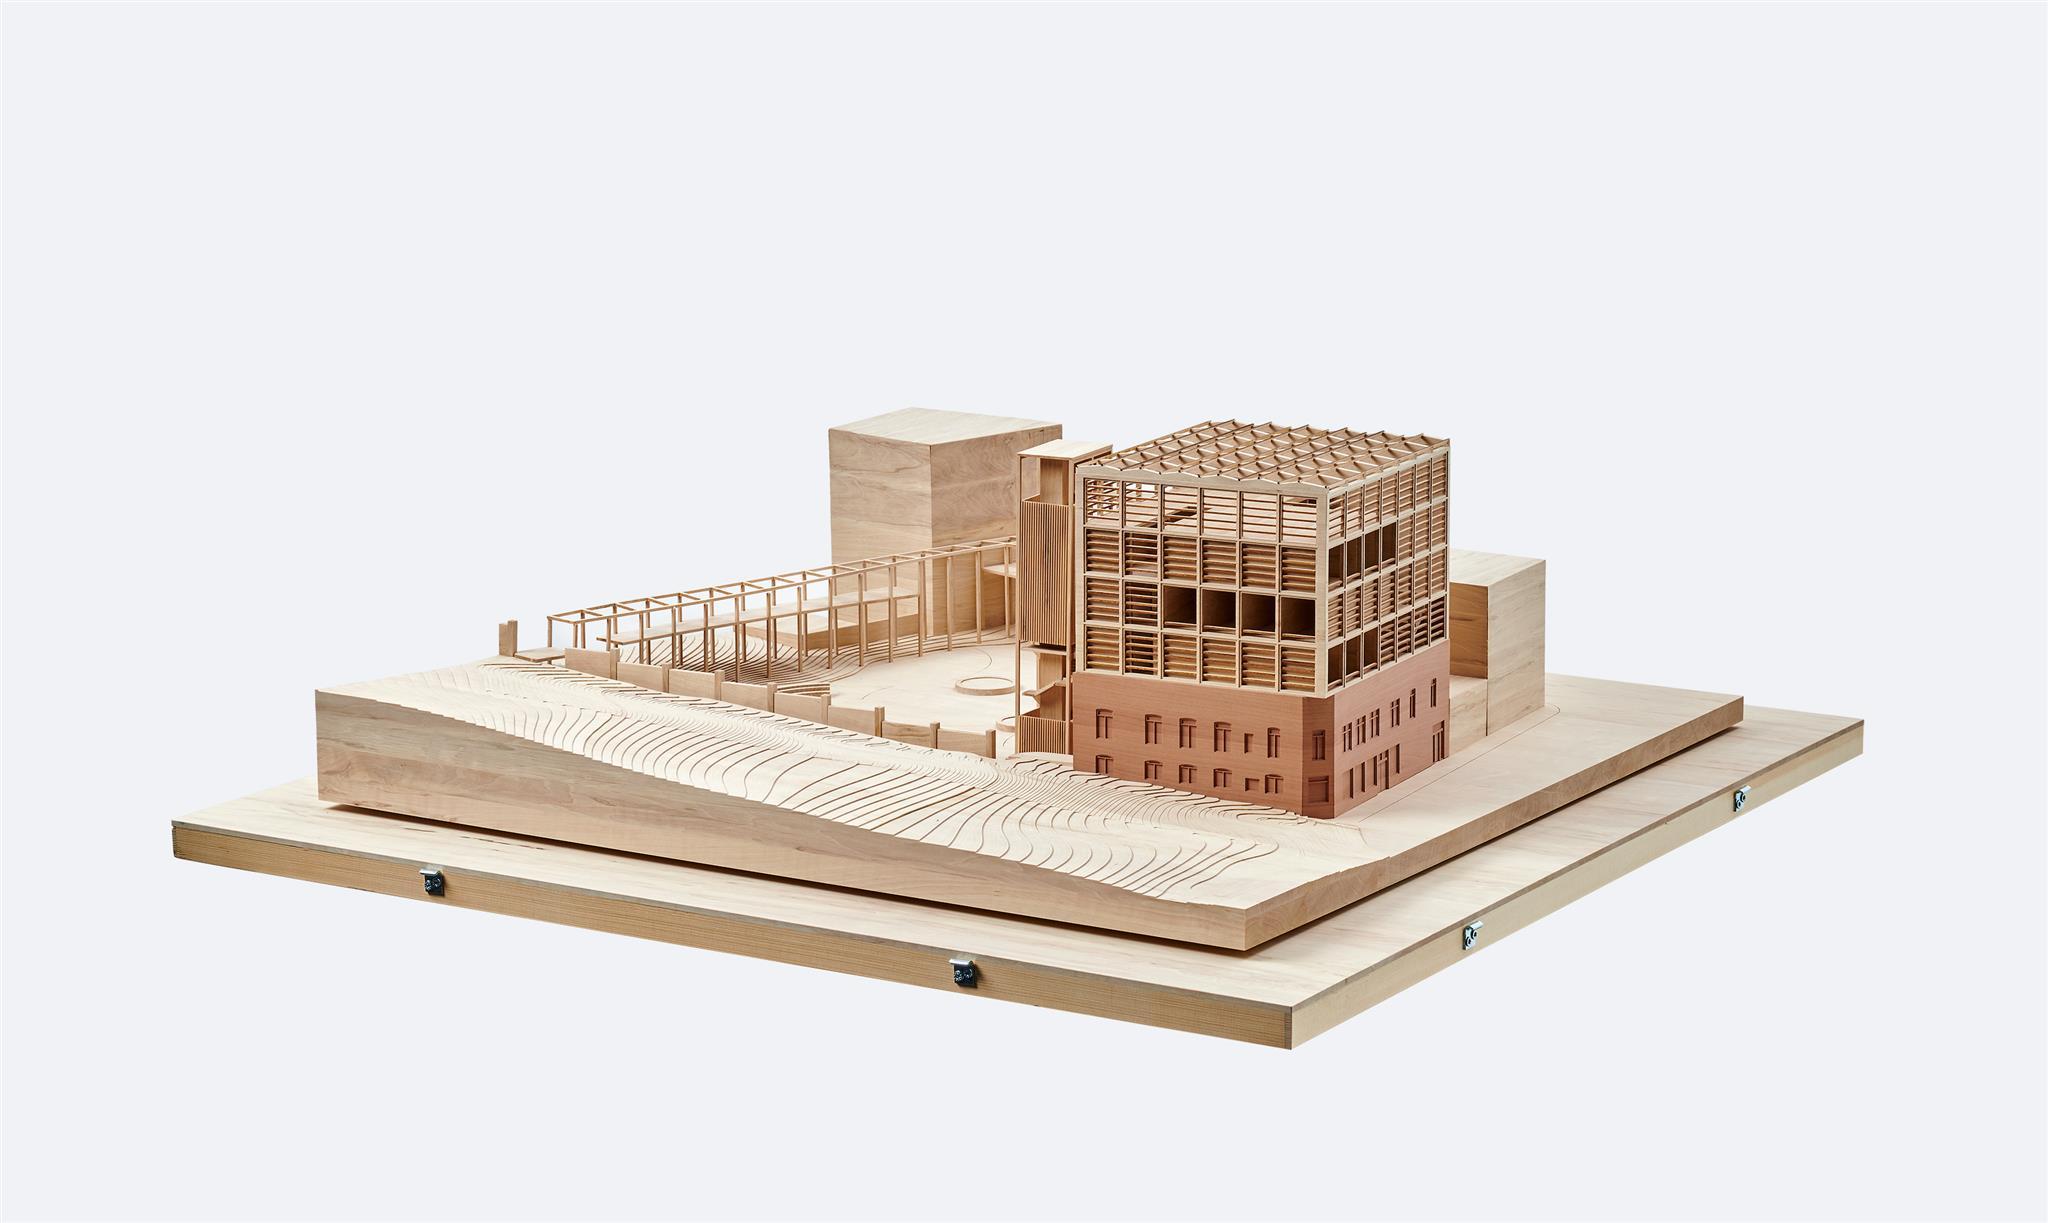 Holzmodell unseres Wohnkonzeptes für SDE21 im Maßstab 1:100.